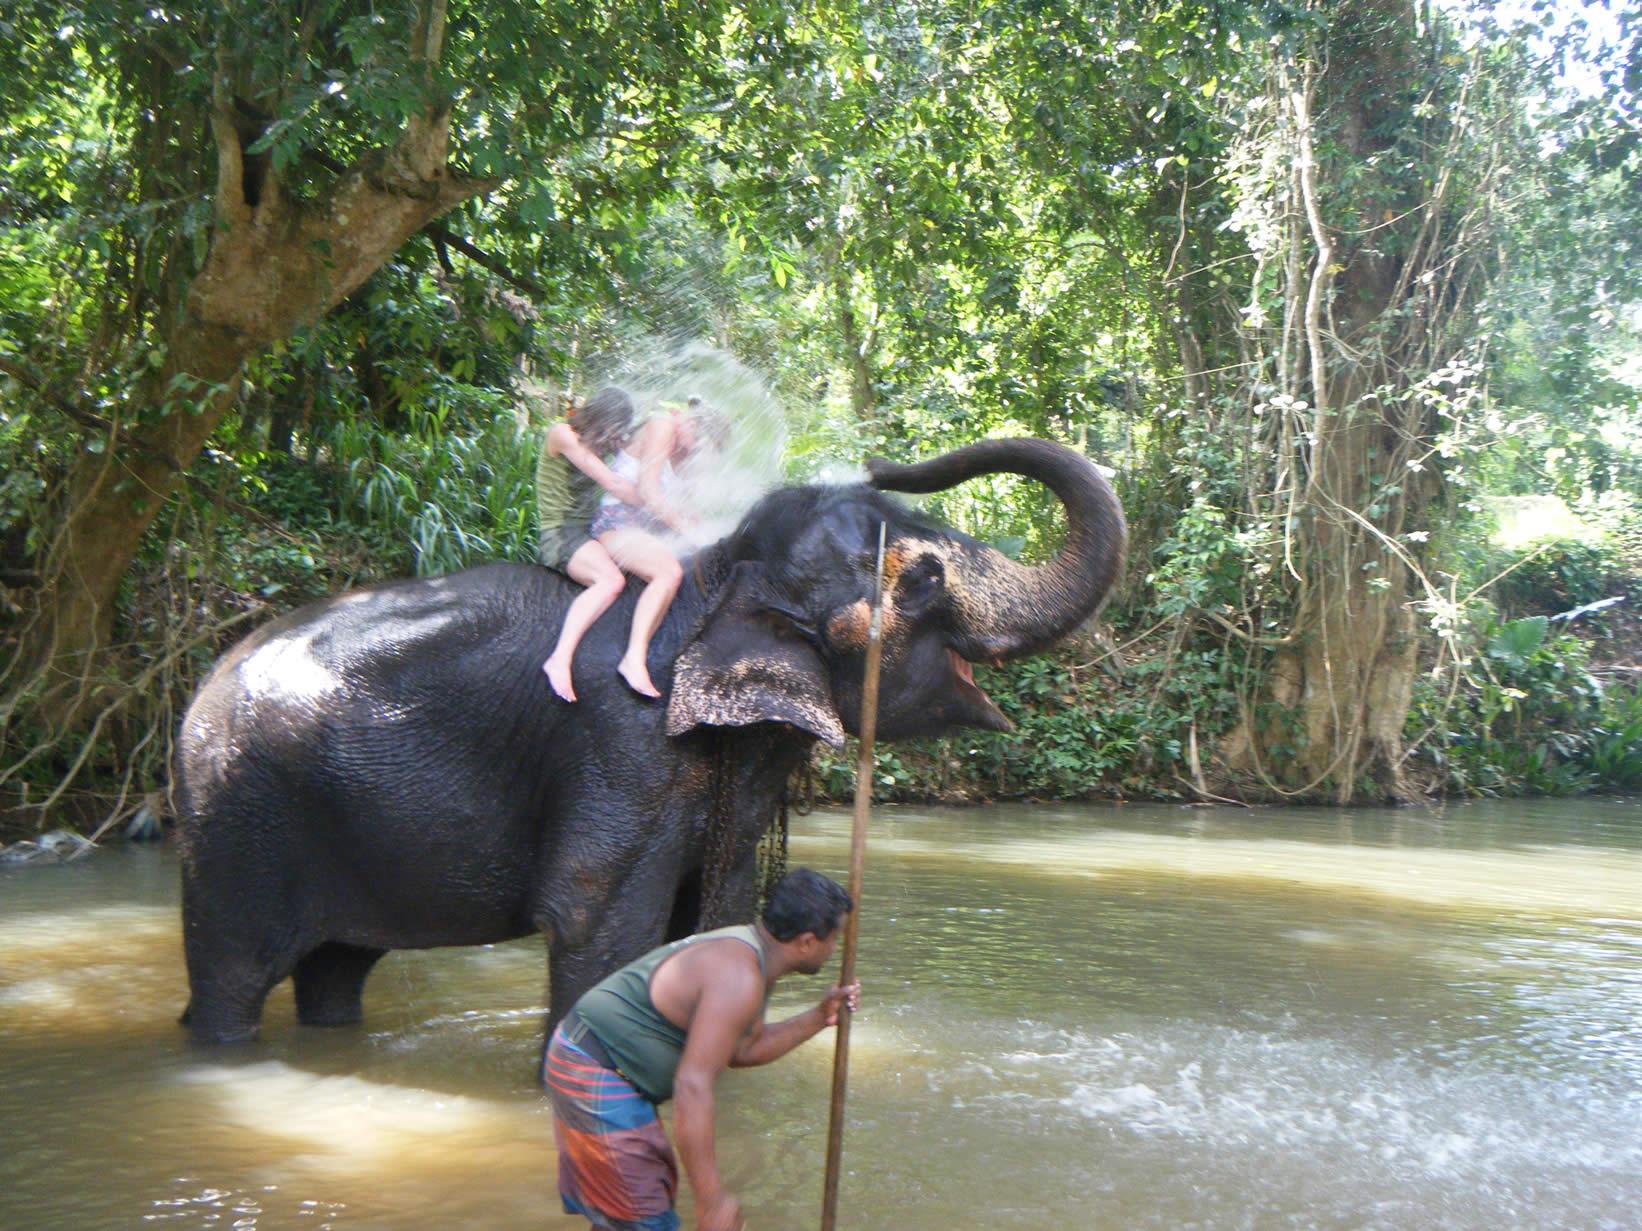 فیل سواری در پیناوالا